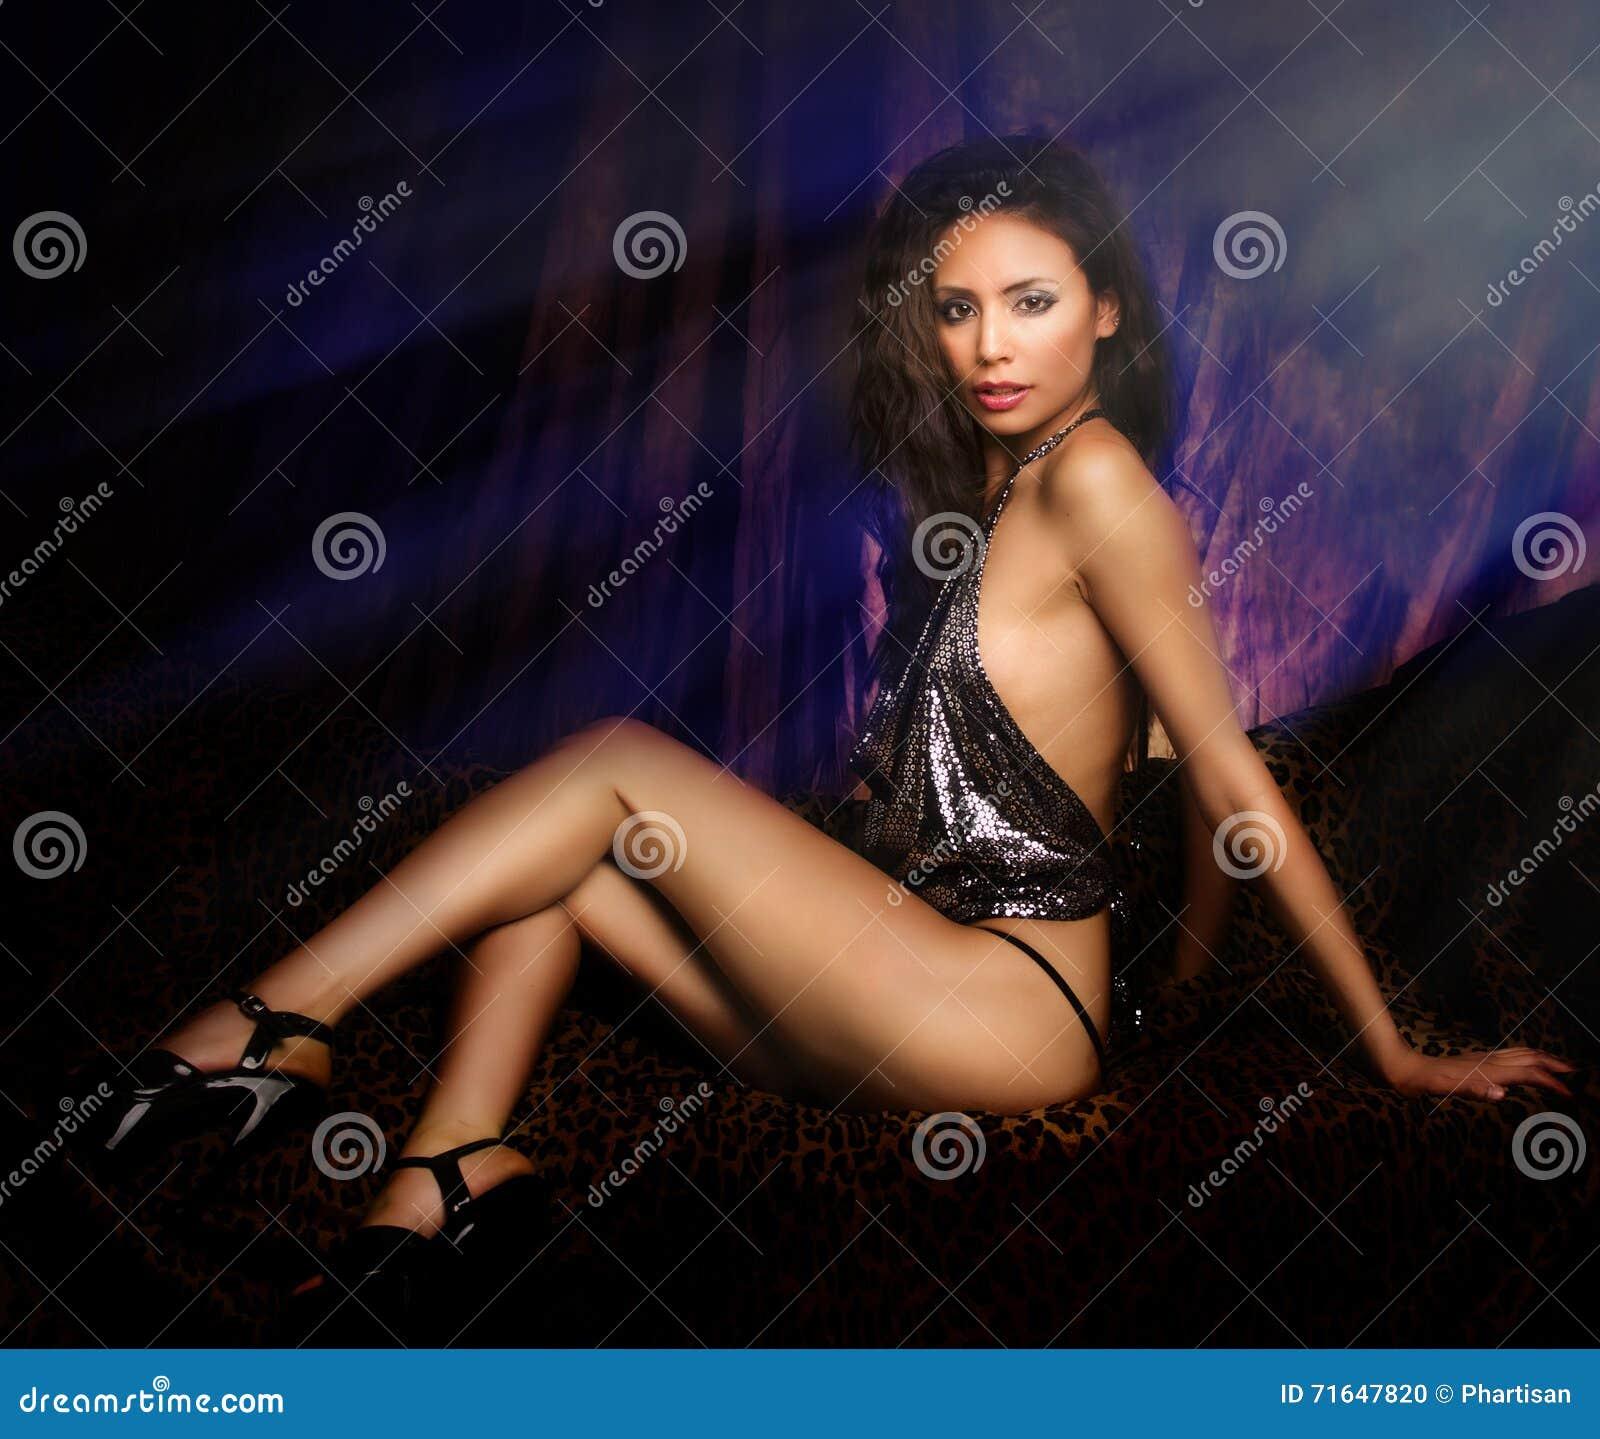 lange sexvideos mooie jonge vrouwen